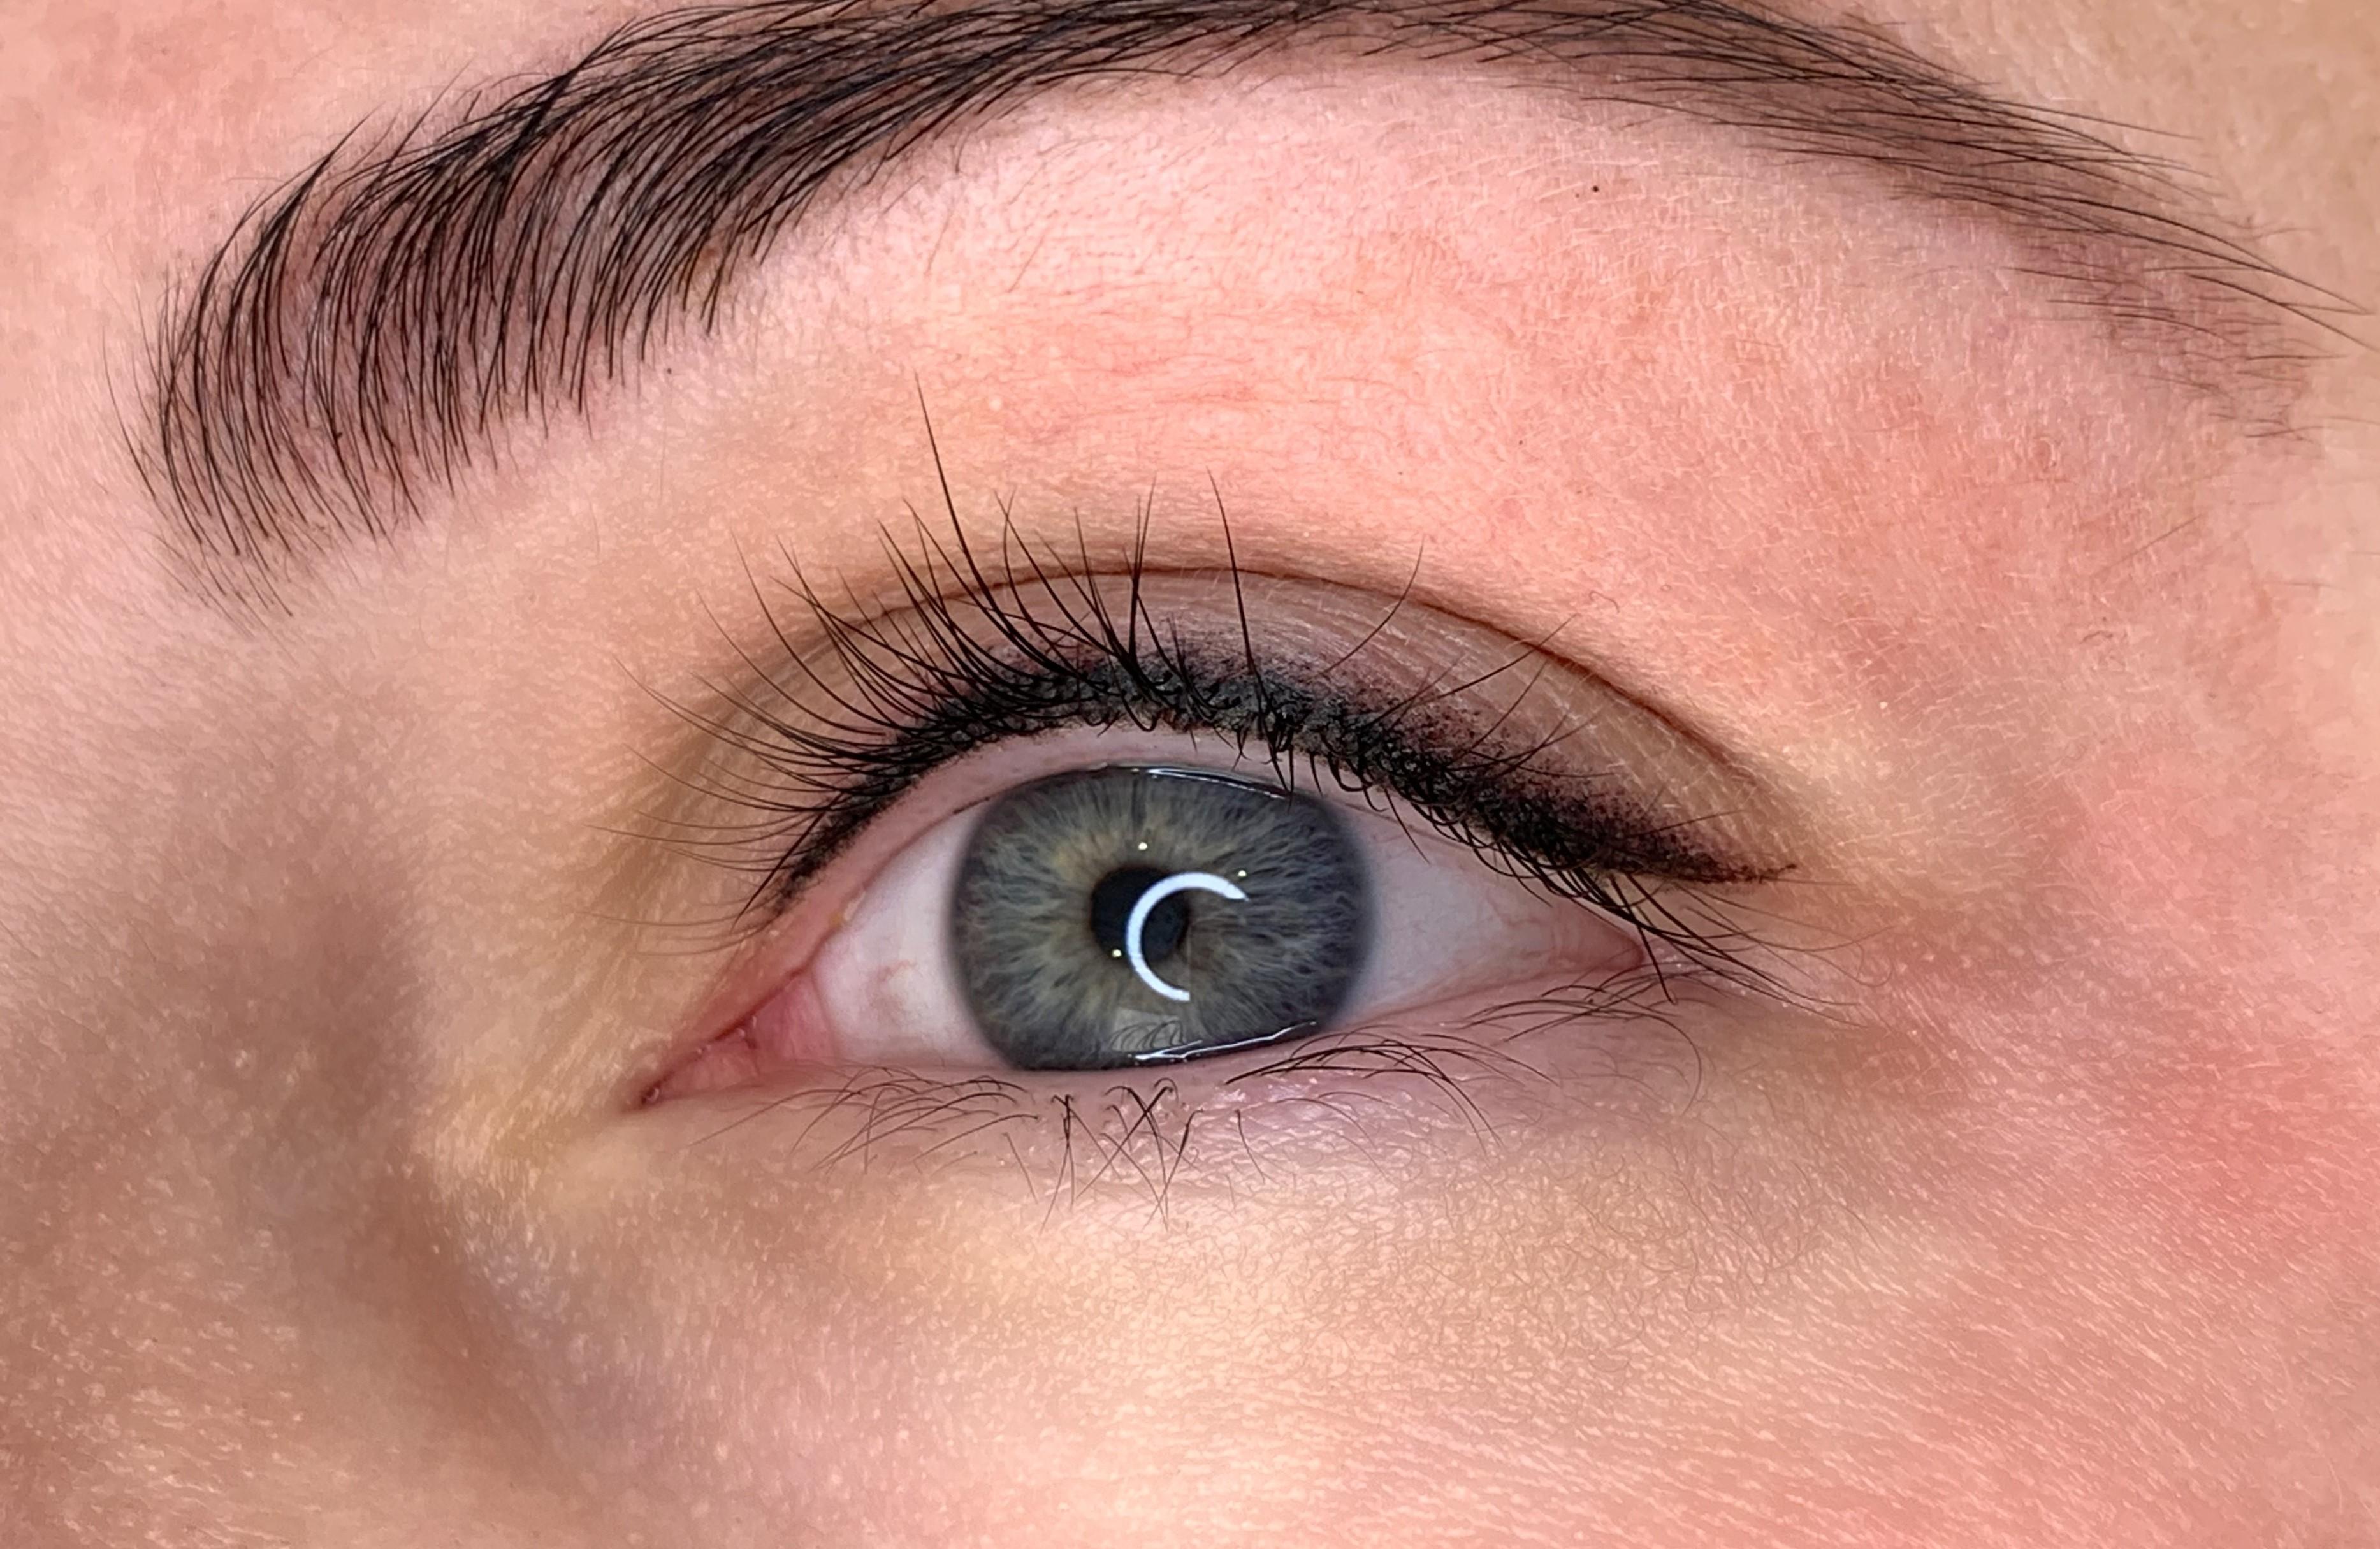 Перманентный макияж: что такое татуаж бровей, губ, глаз, век, технология и особенности процедуры перманентного макияжа